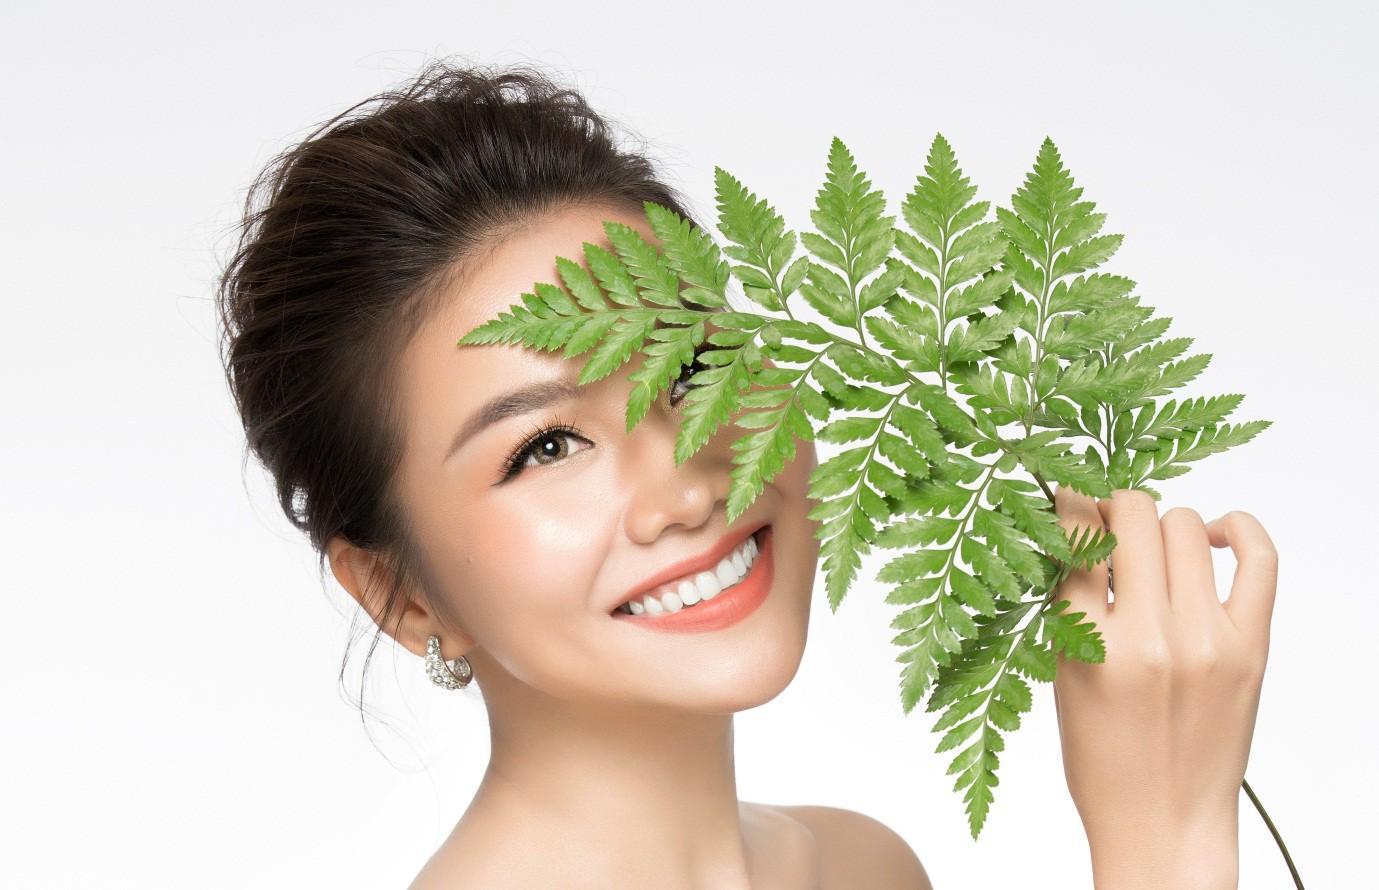 Loại viên uống chiết xuất từ dương xỉ giúp bảo vệ da khỏi ánh nắng mặt trời - Ảnh 1.